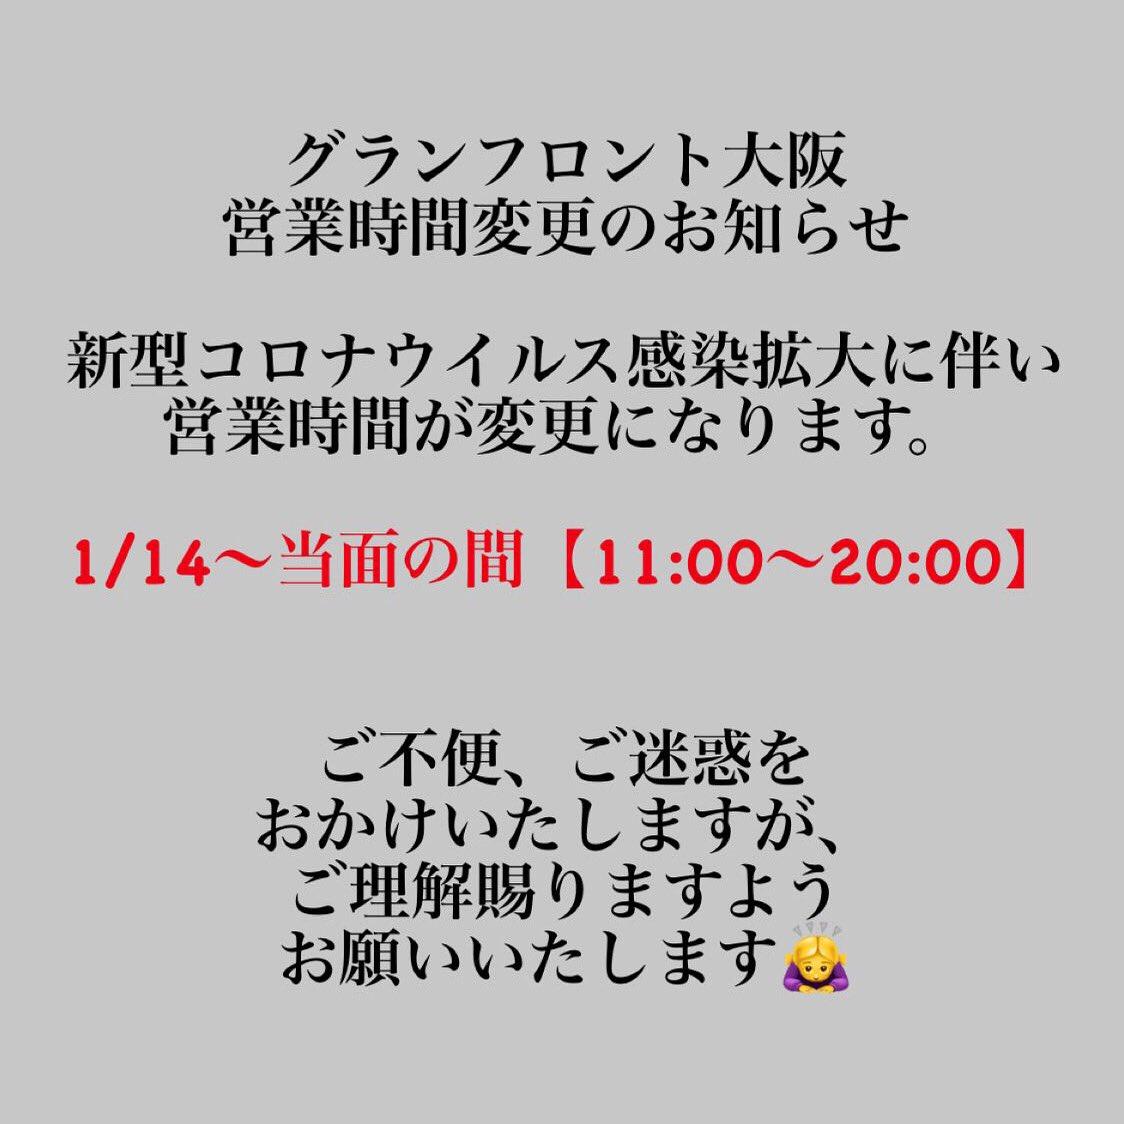 営業 時間 グラン フロント 大阪